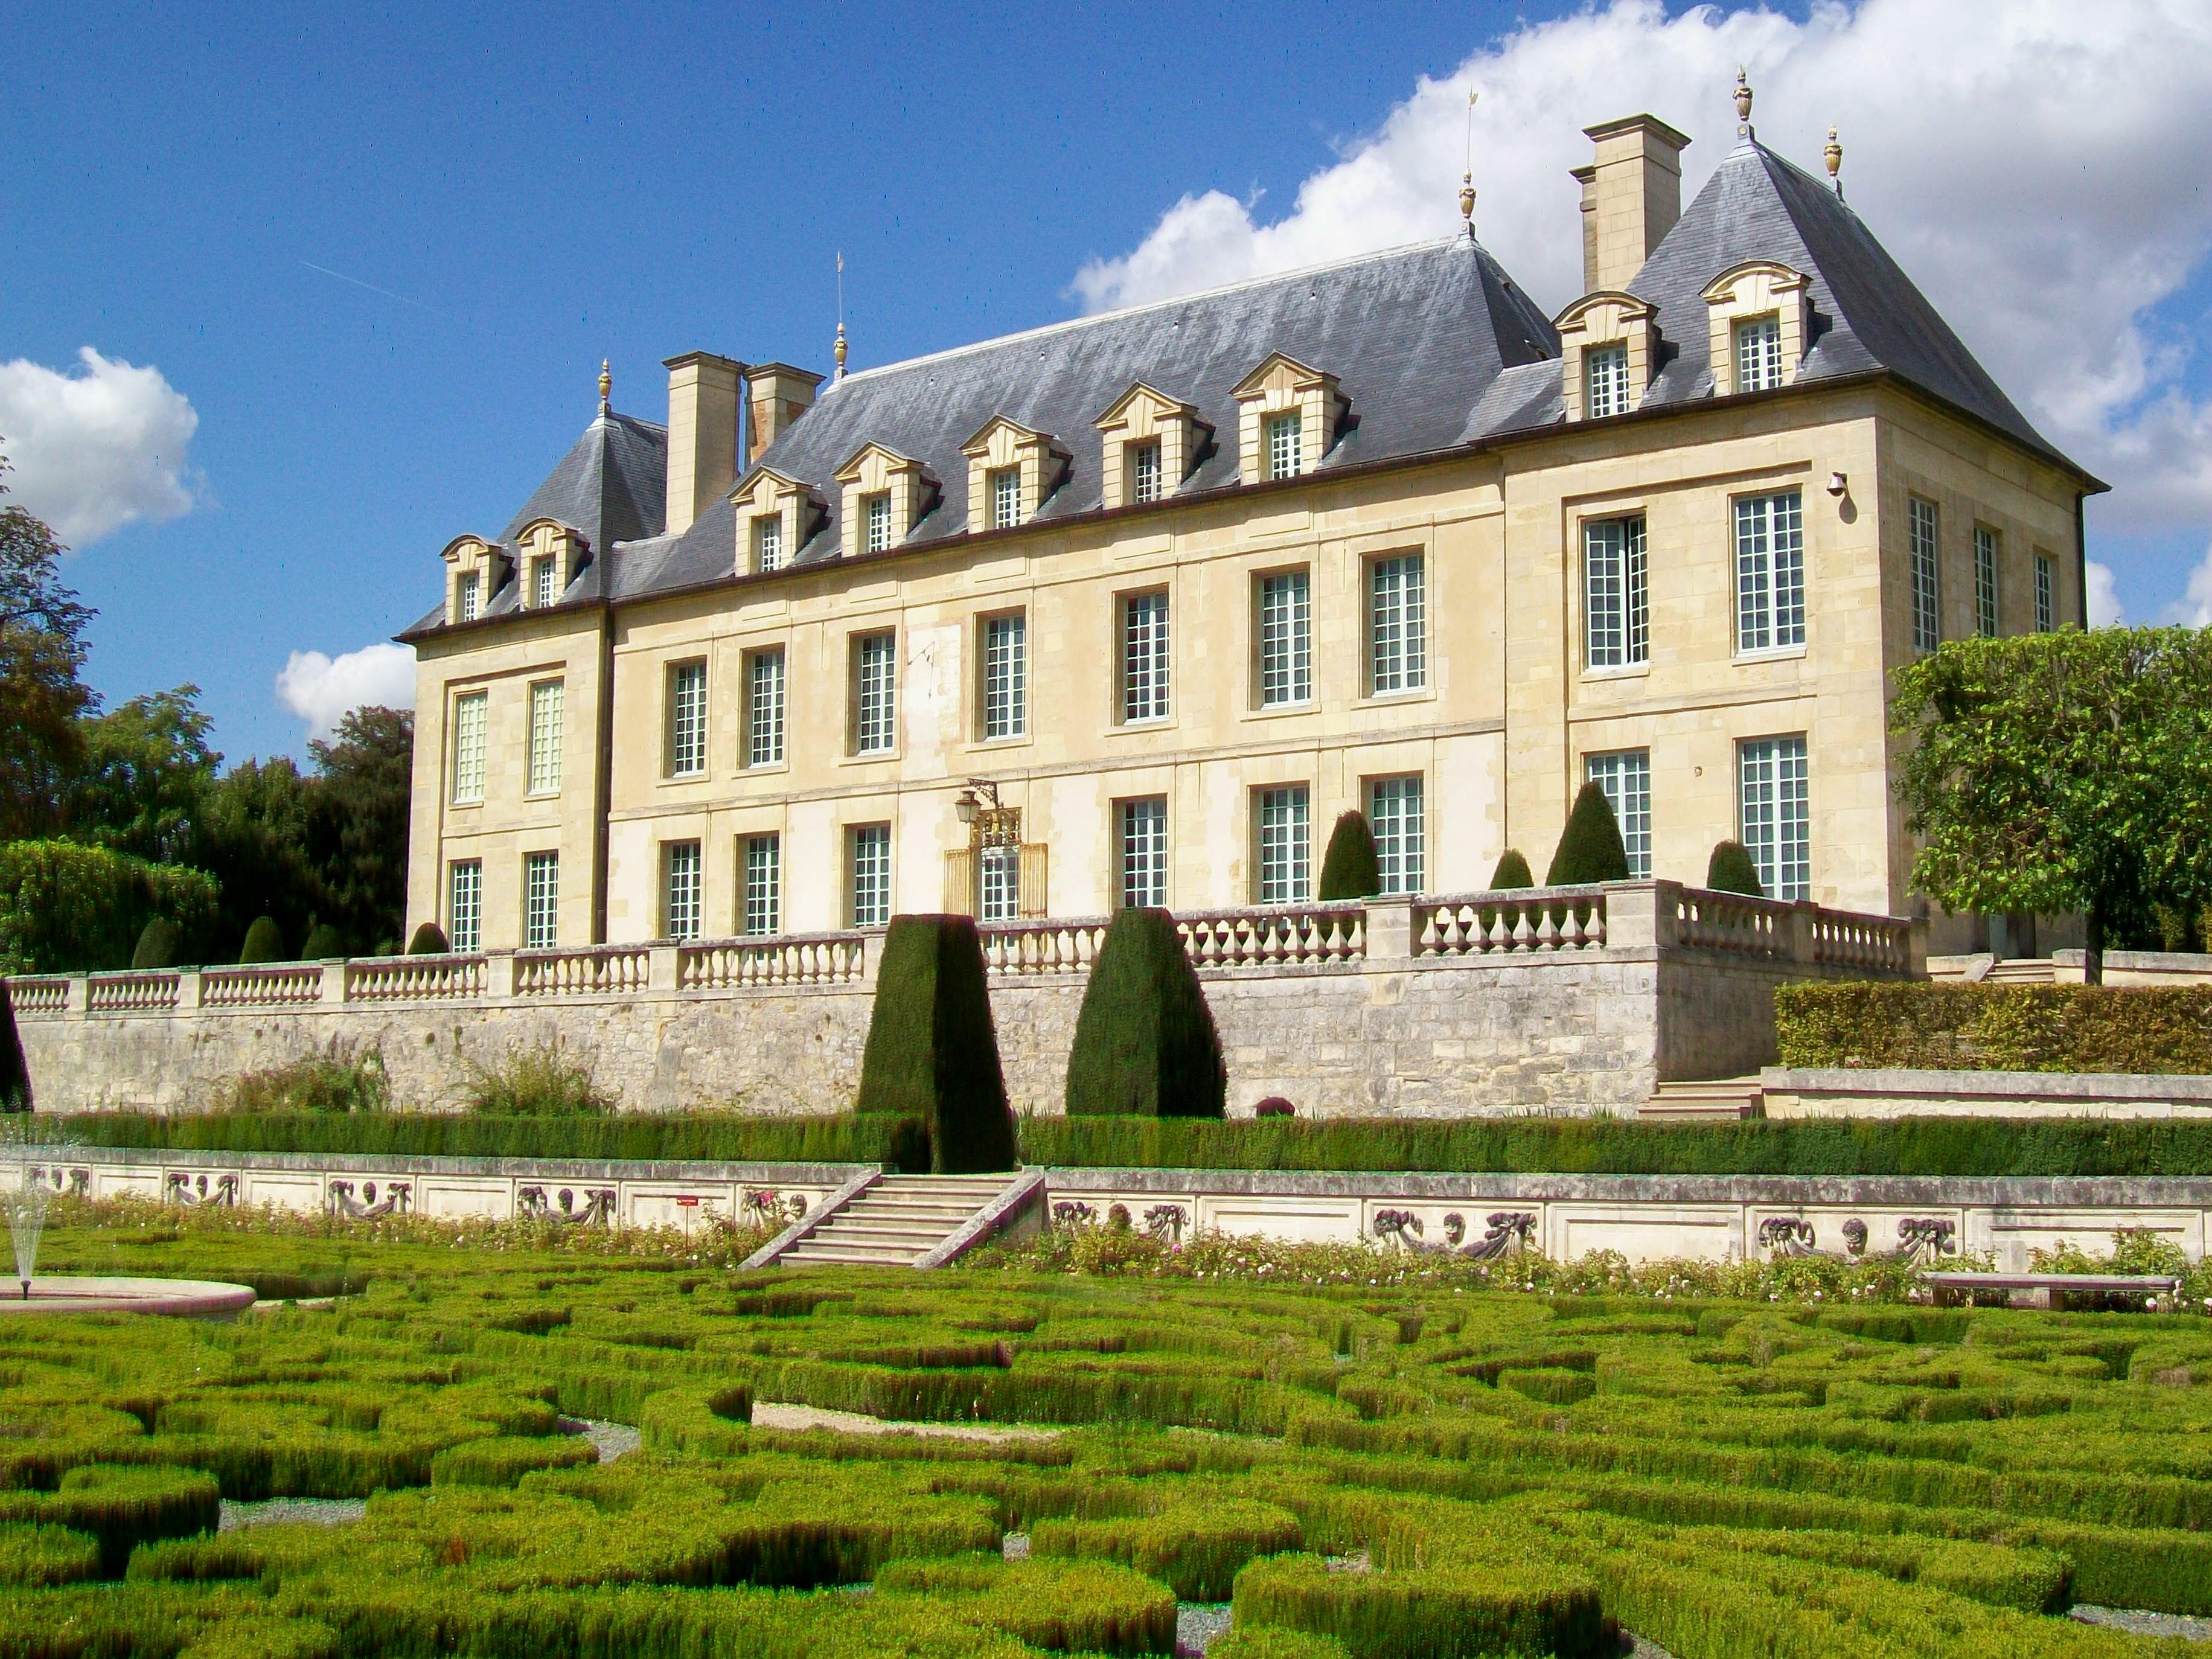 Plombier Auvers Sur Oise : auvers sur oise ~ Premium-room.com Idées de Décoration